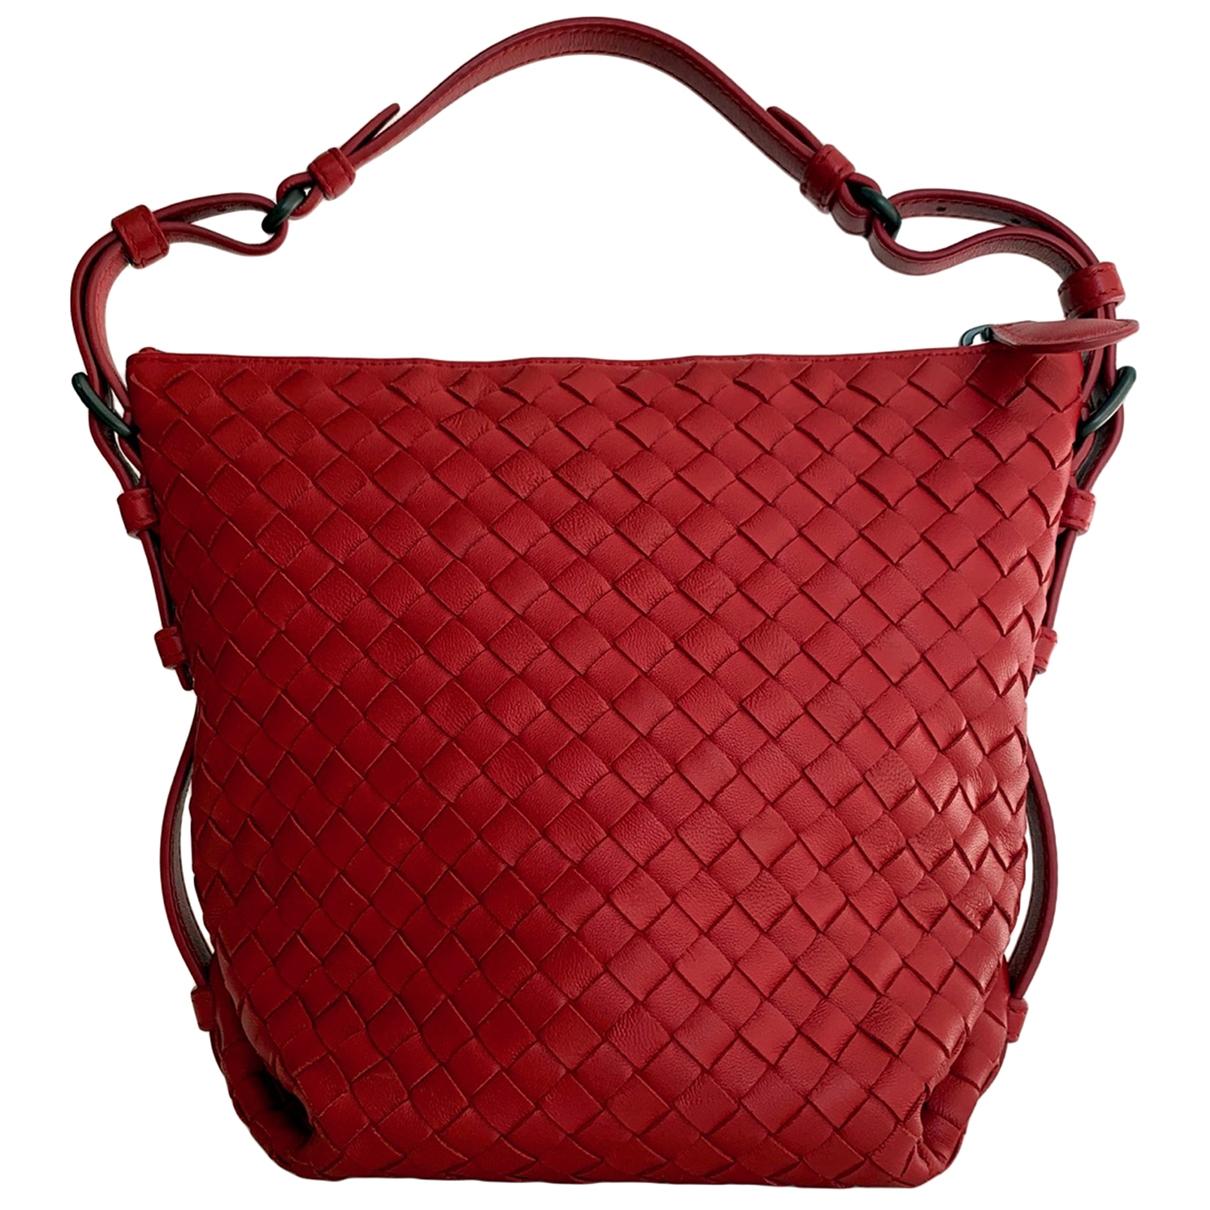 Bottega Veneta \N Red Leather handbag for Women \N